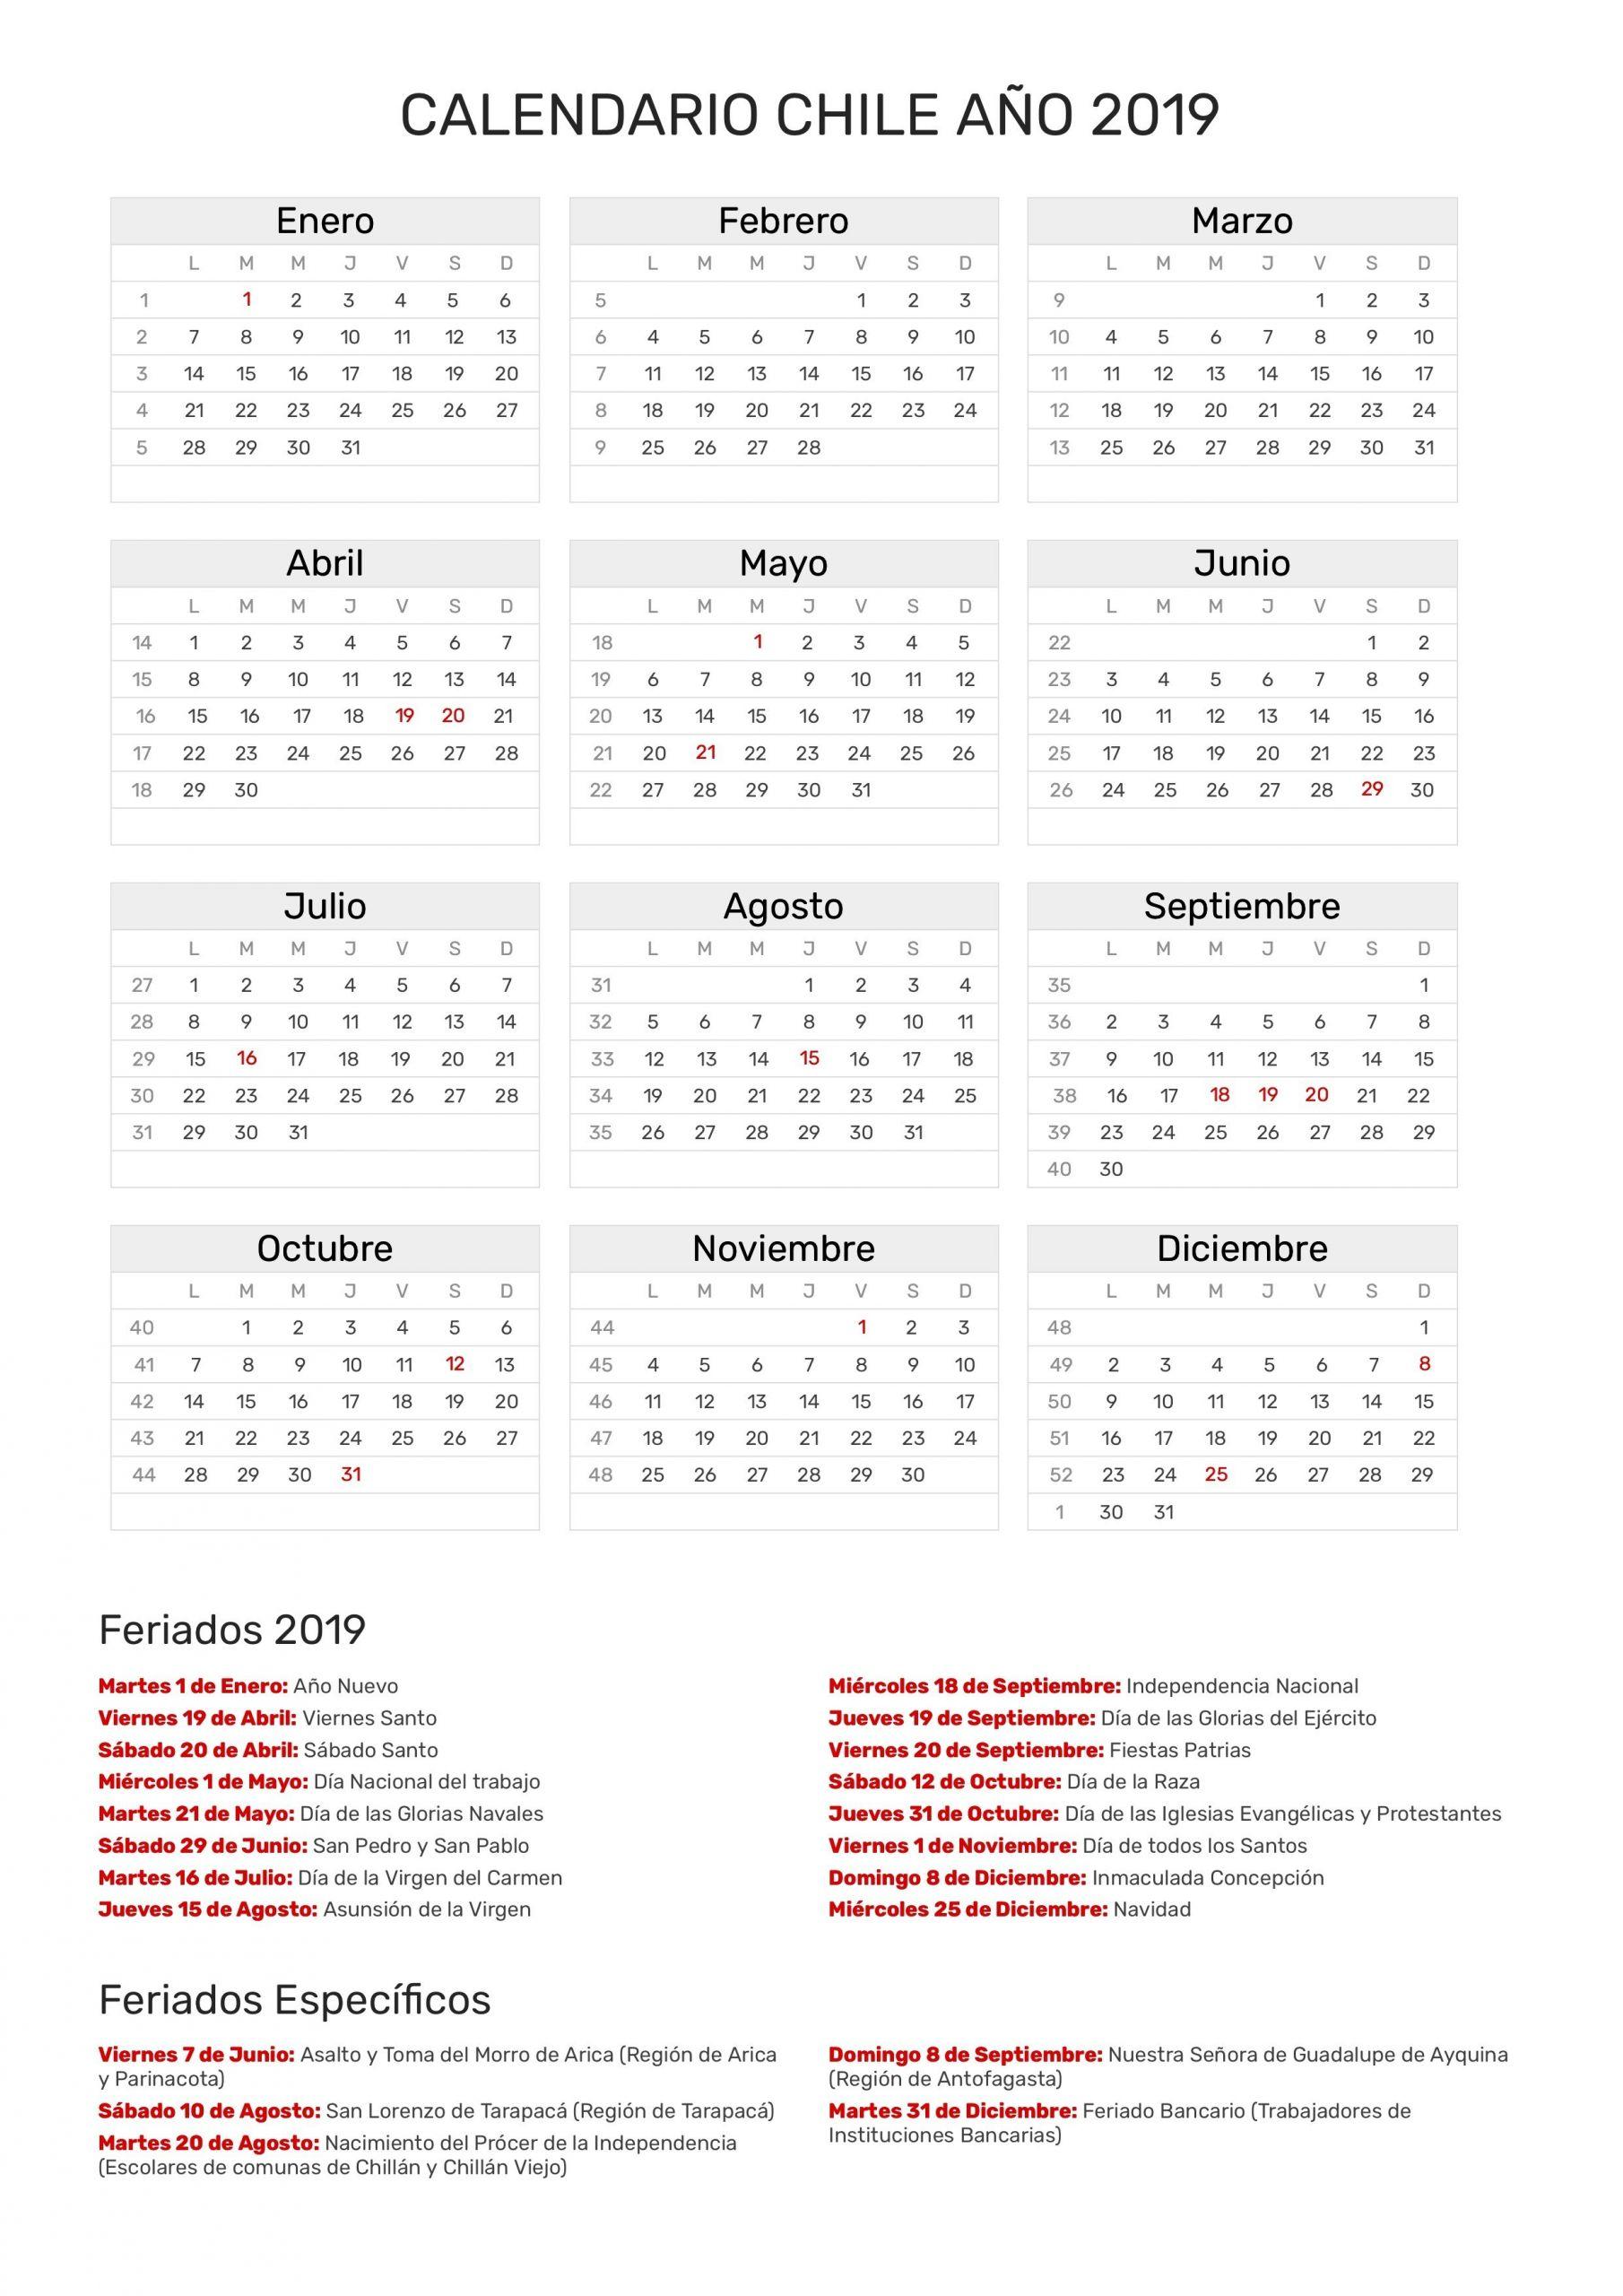 calendario 2019 colombia con festivos en excel